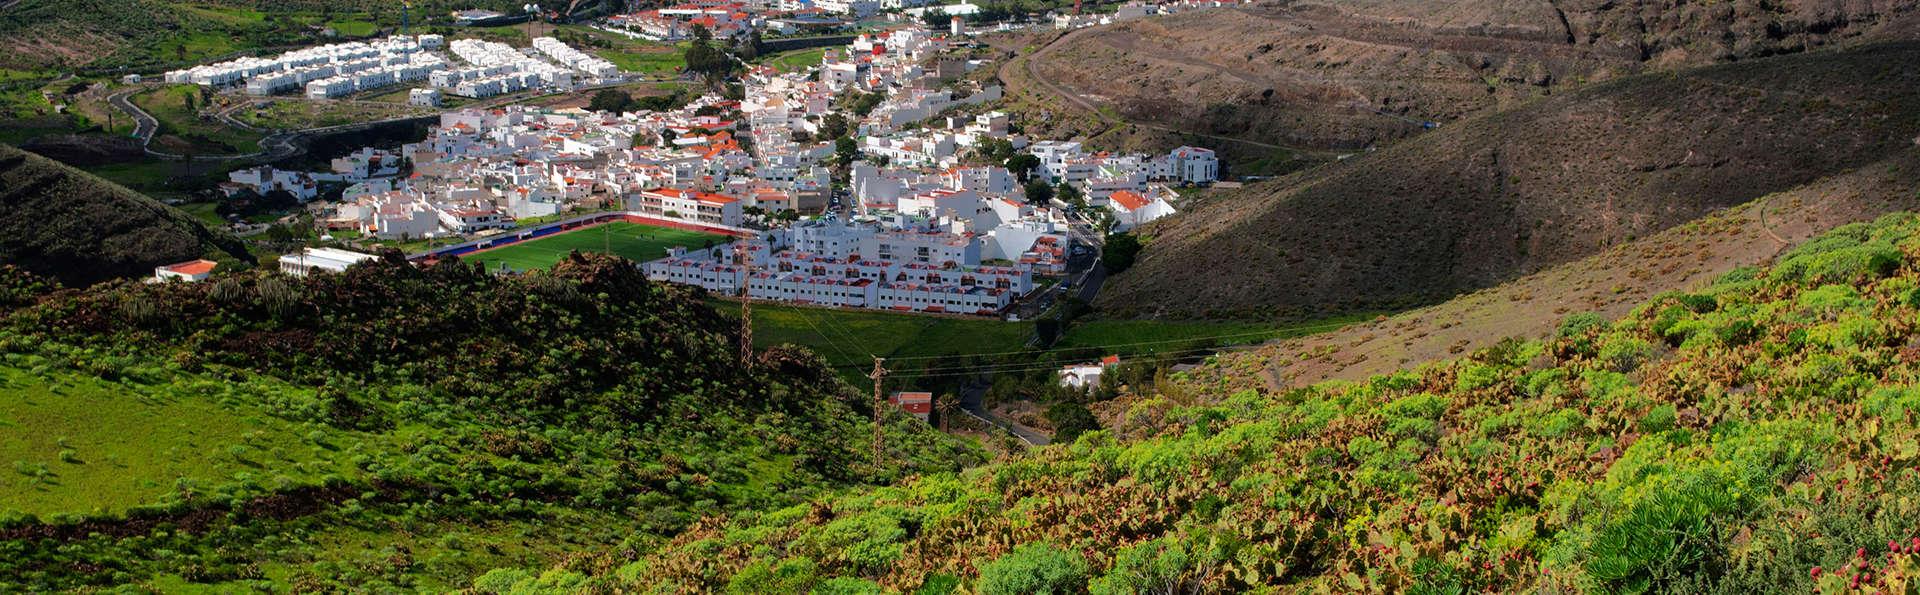 Hotel Puerto de las Nieves - EDIT_NEW_destination6.jpg